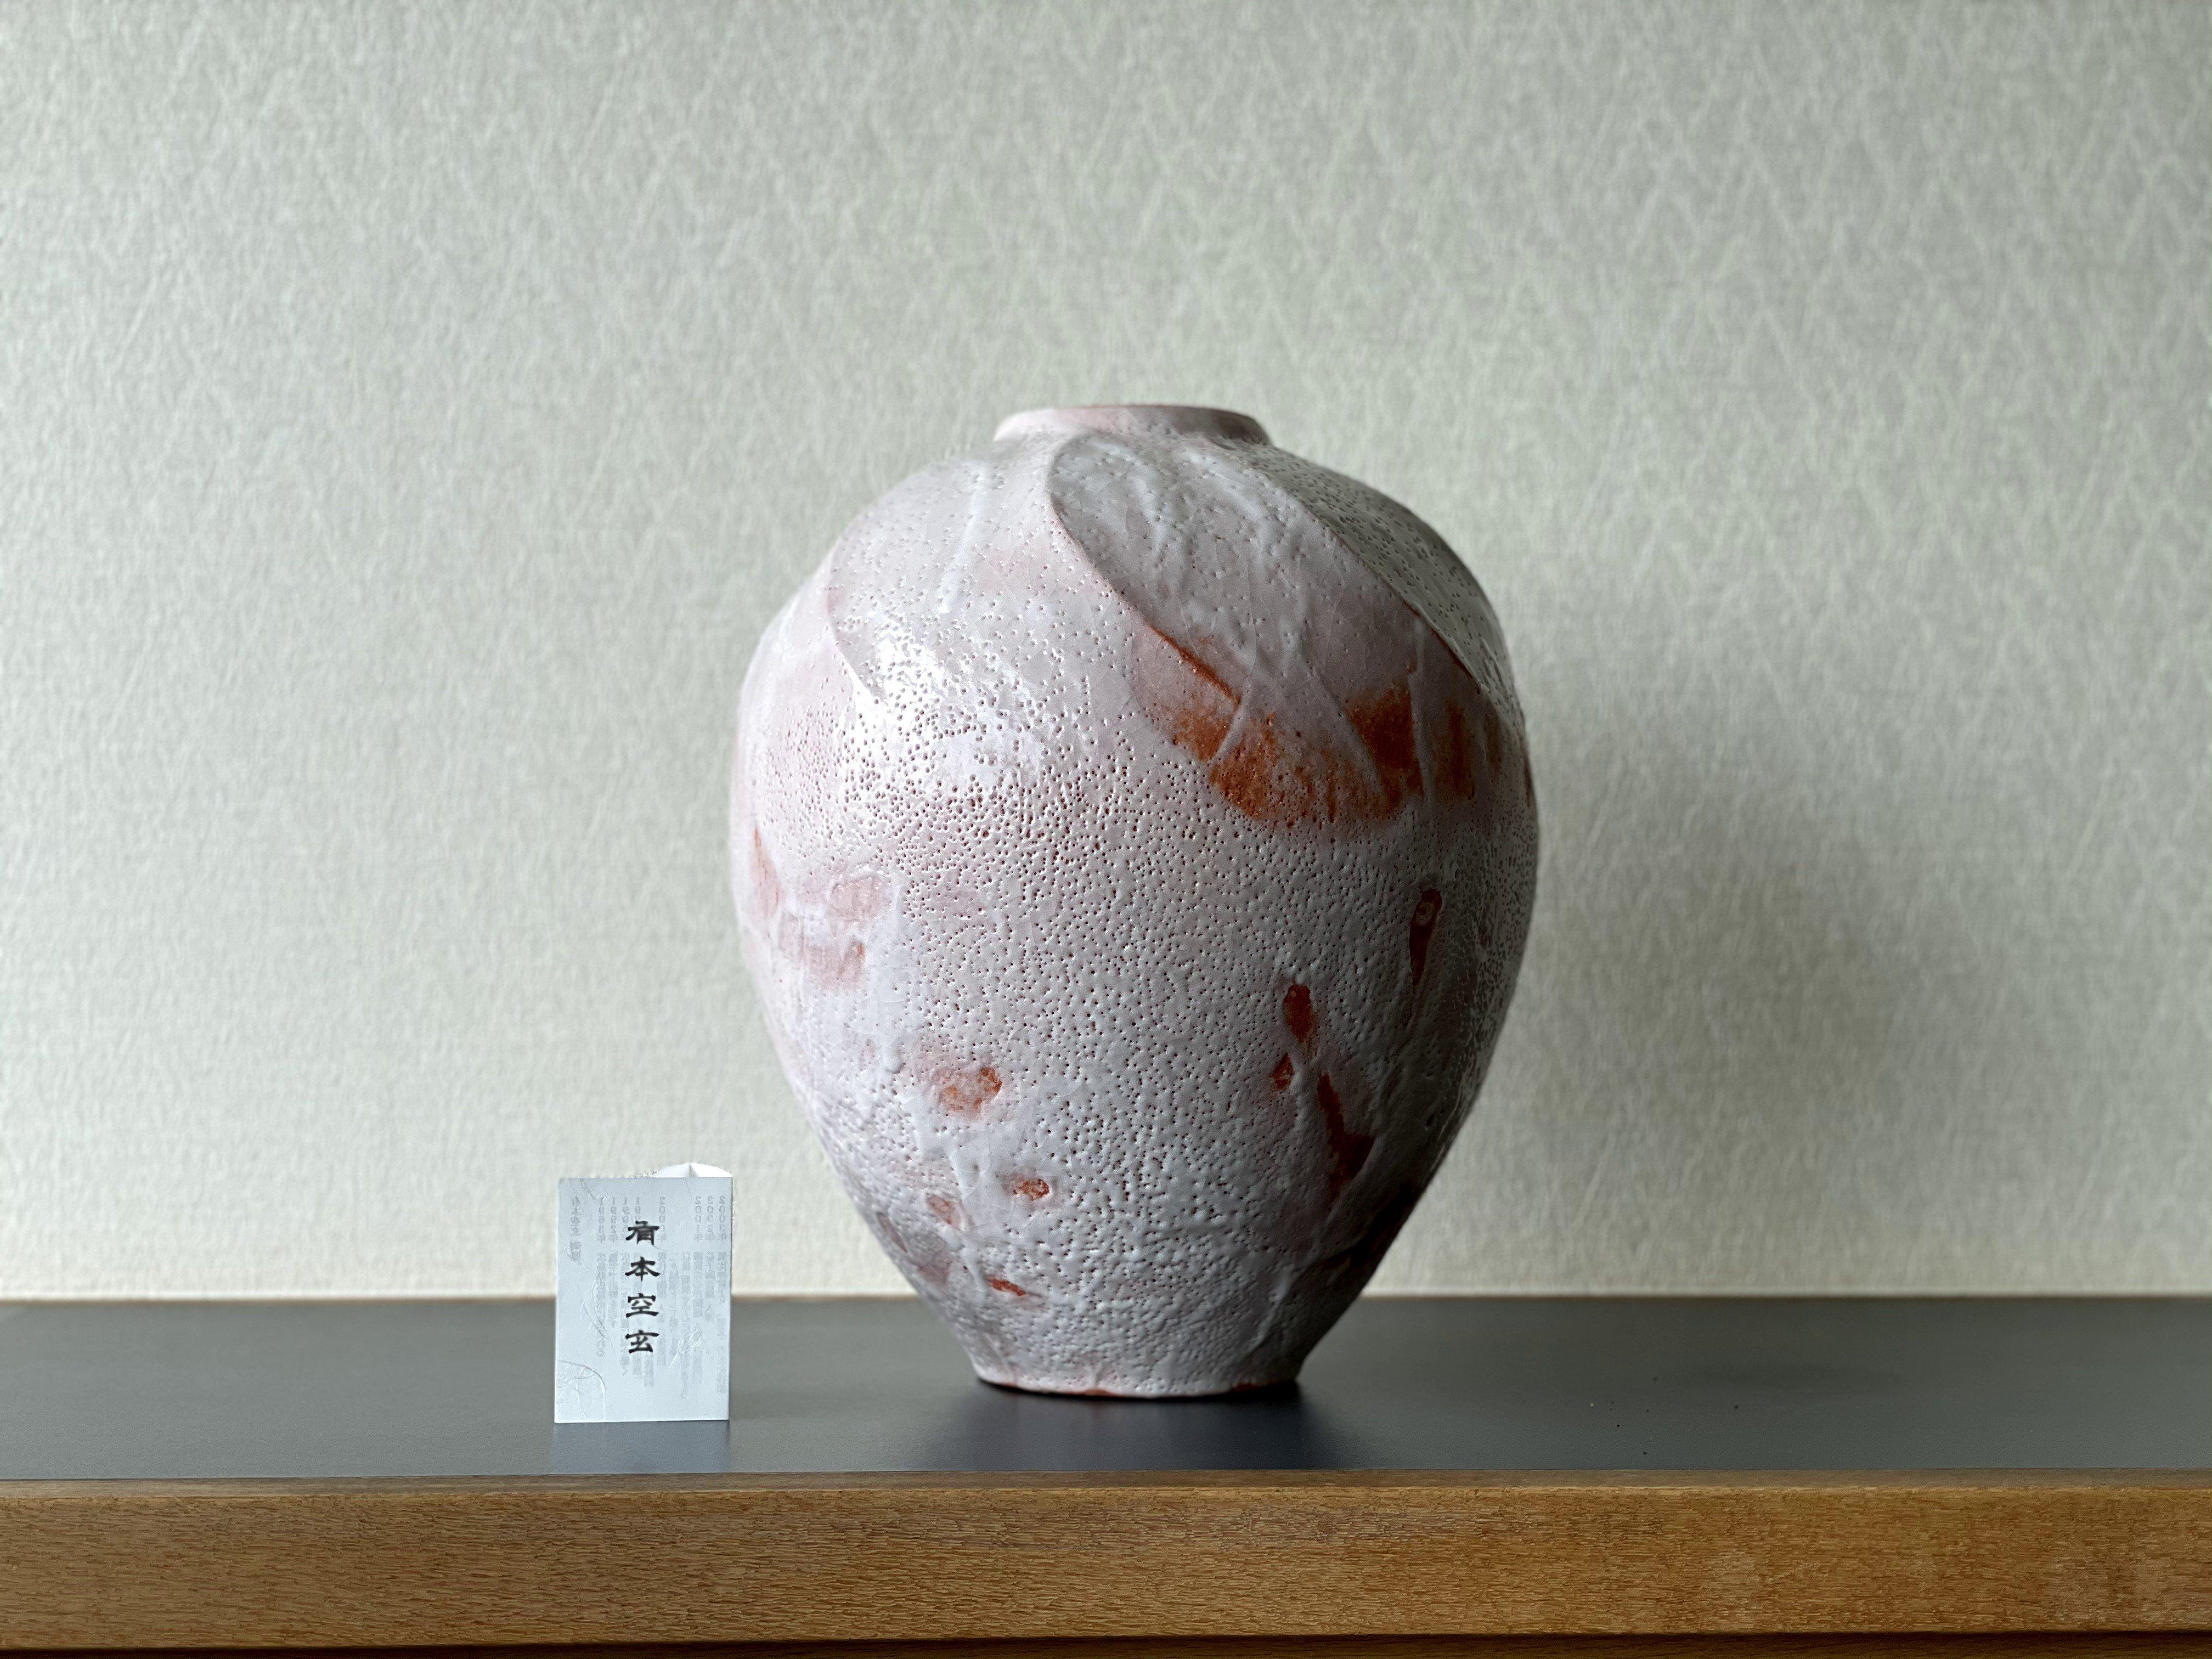 寄贈いただいたピンク色の志野焼の壺、夕日にあたるとピンクがより鮮やかになるとのこと